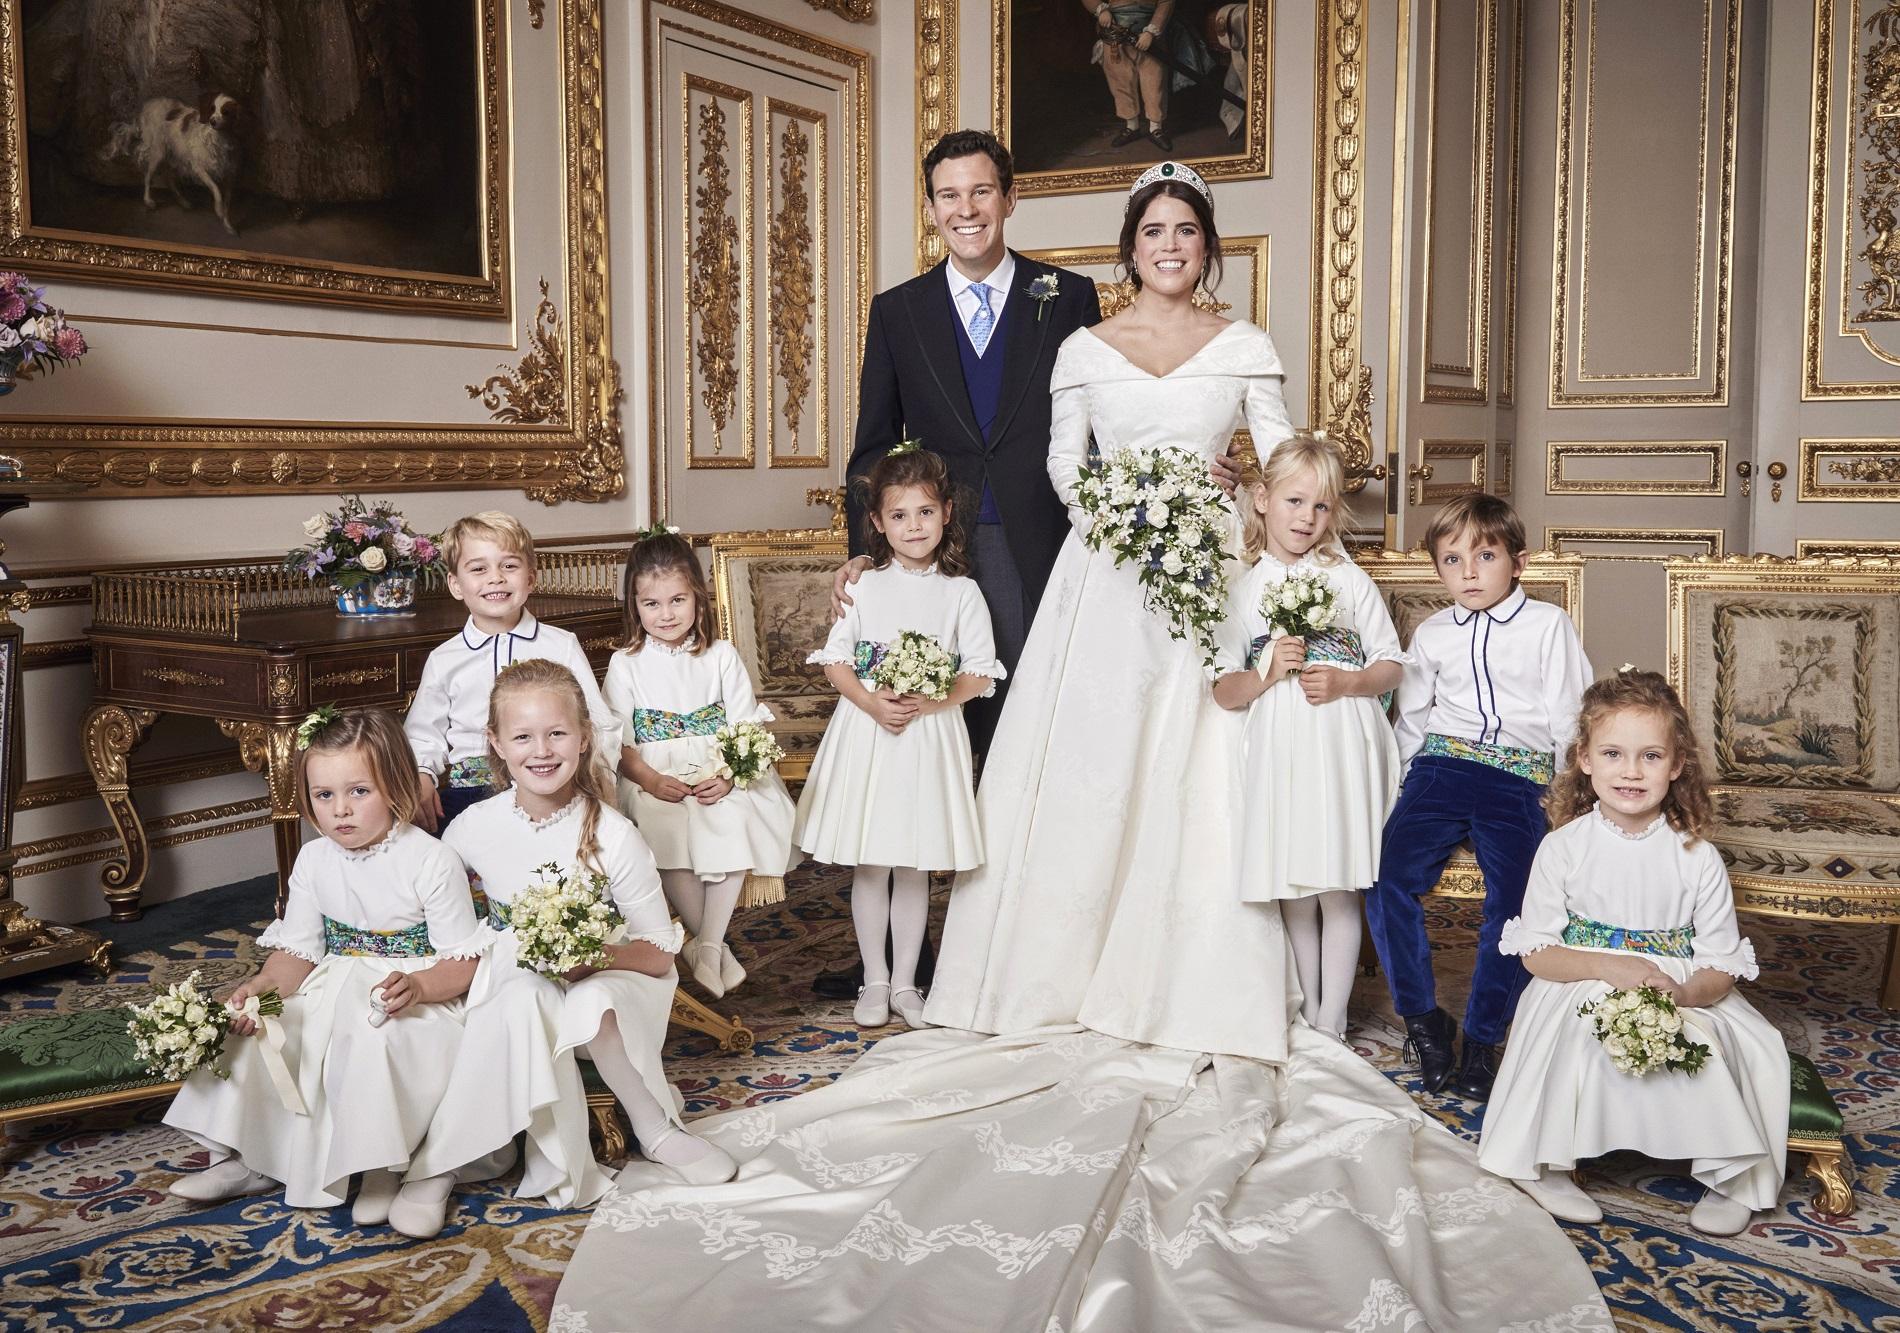 Les époux entourés des garçons et demoiselles d'honneur